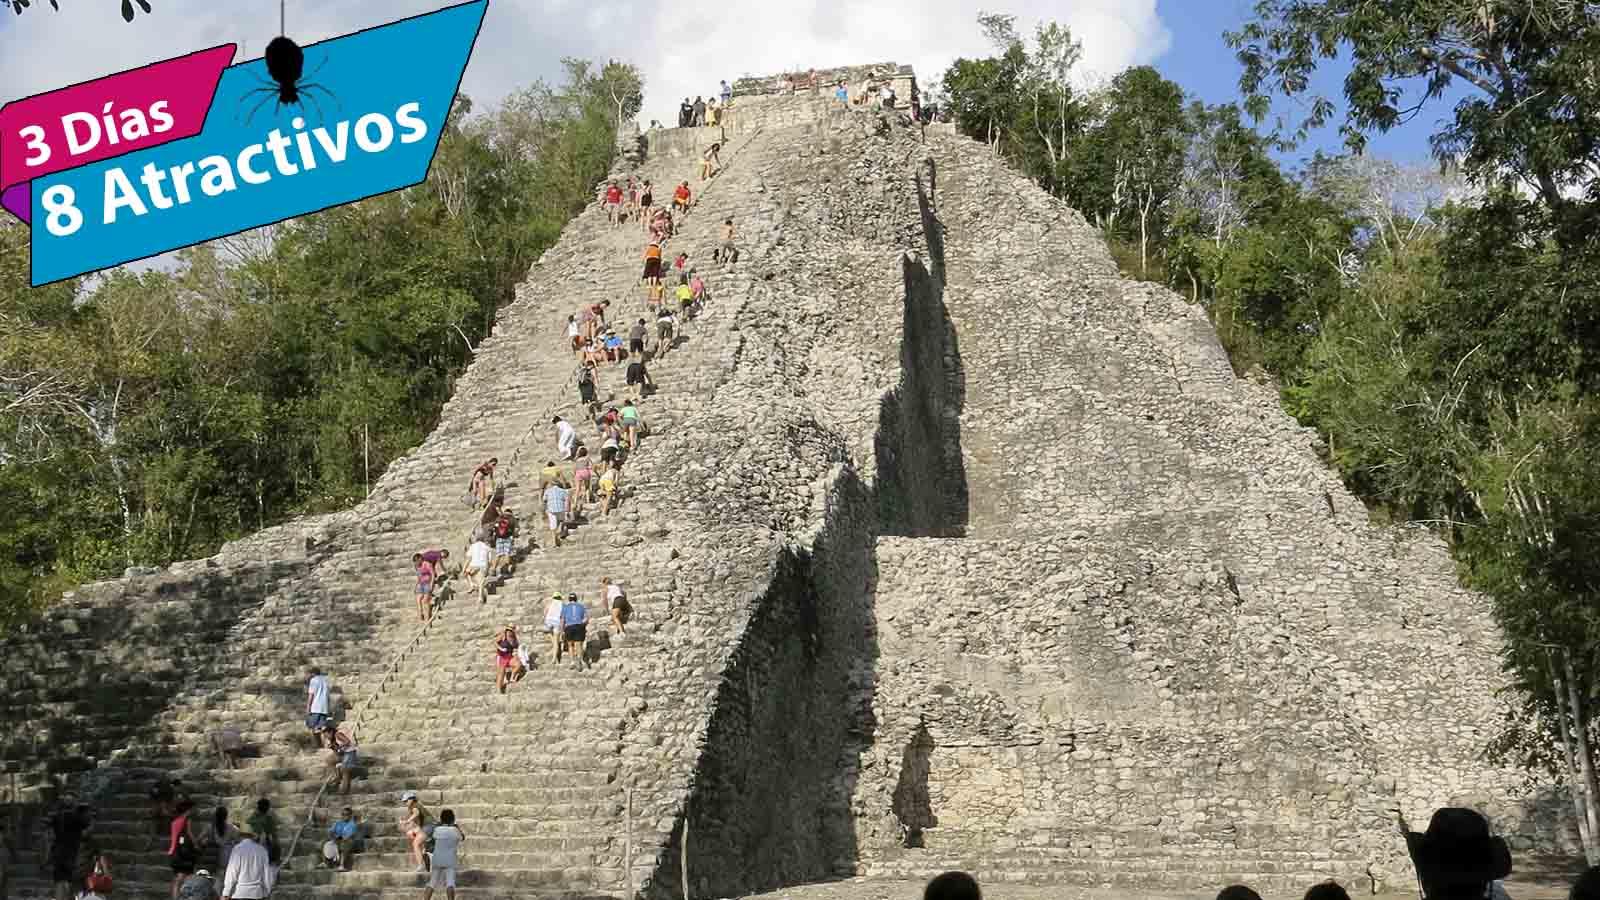 Tulum-Coba-Cenote-Playa del Carmen-Chichen Itza e Isla Mujeres